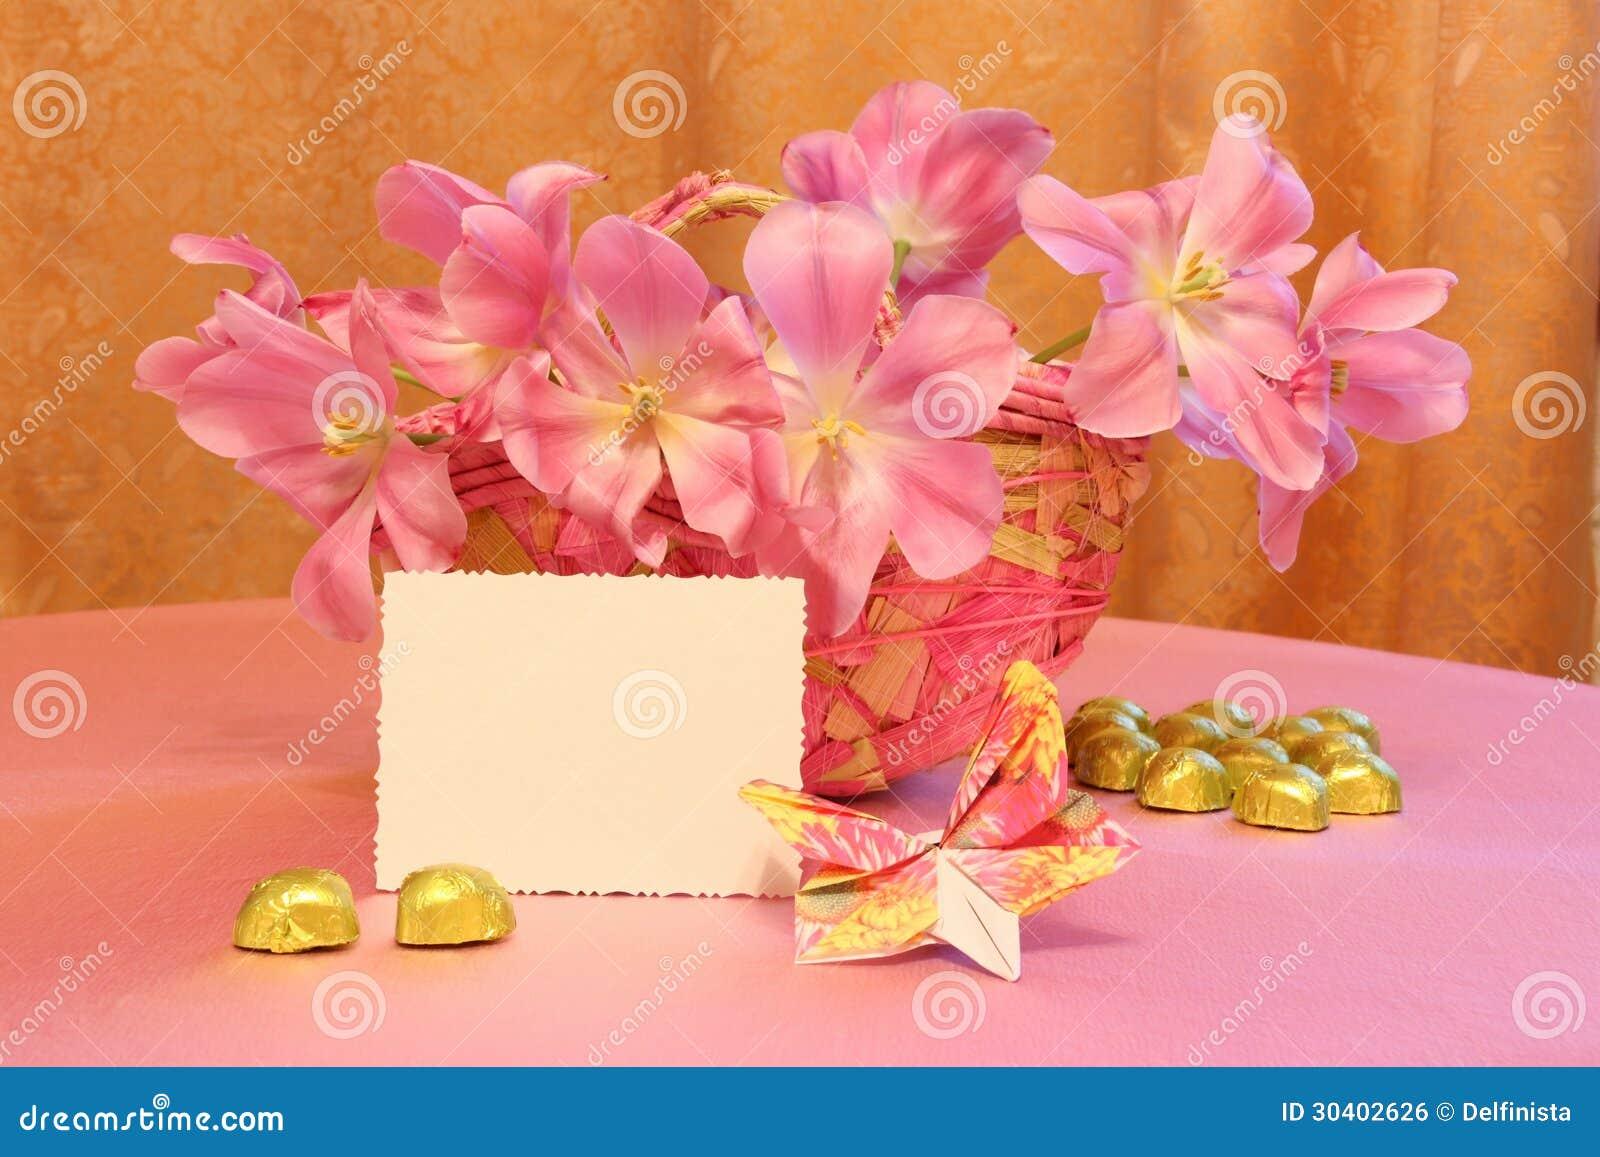 母亲节卡片或复活节图象-储蓄照片